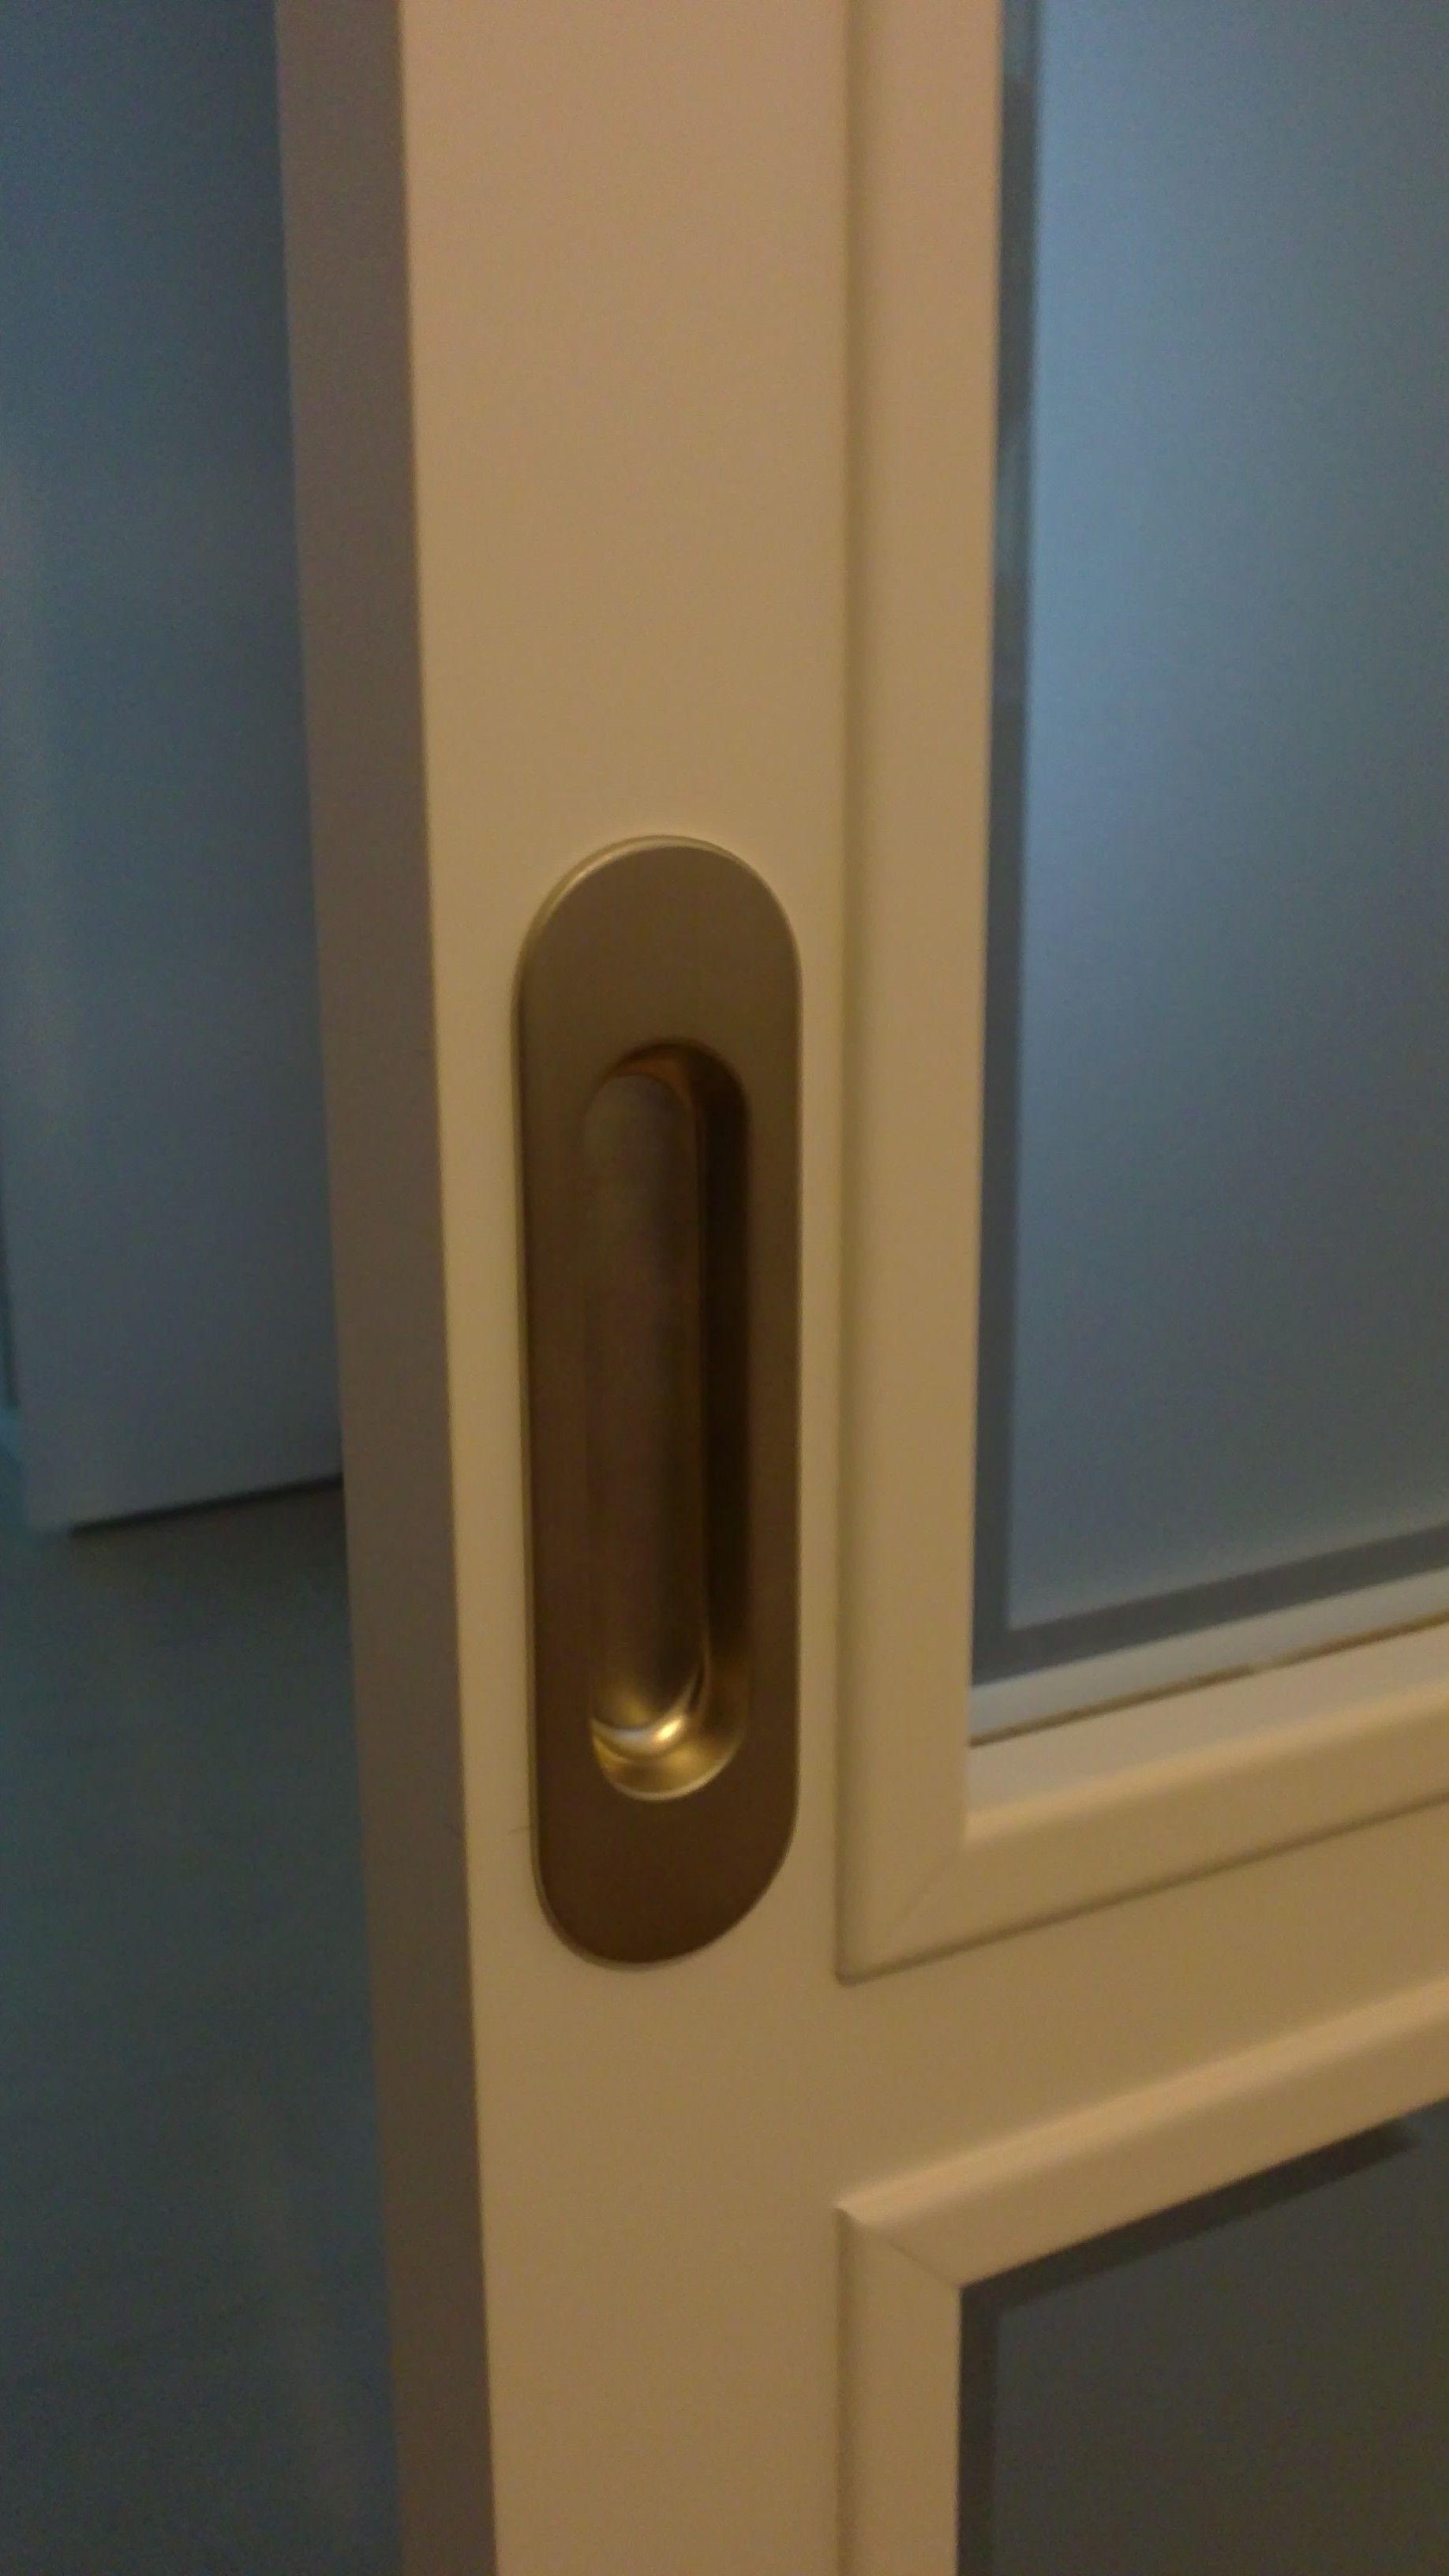 Tirador u ero acero inoxidable para puerta corredera for Tirador puerta corredera